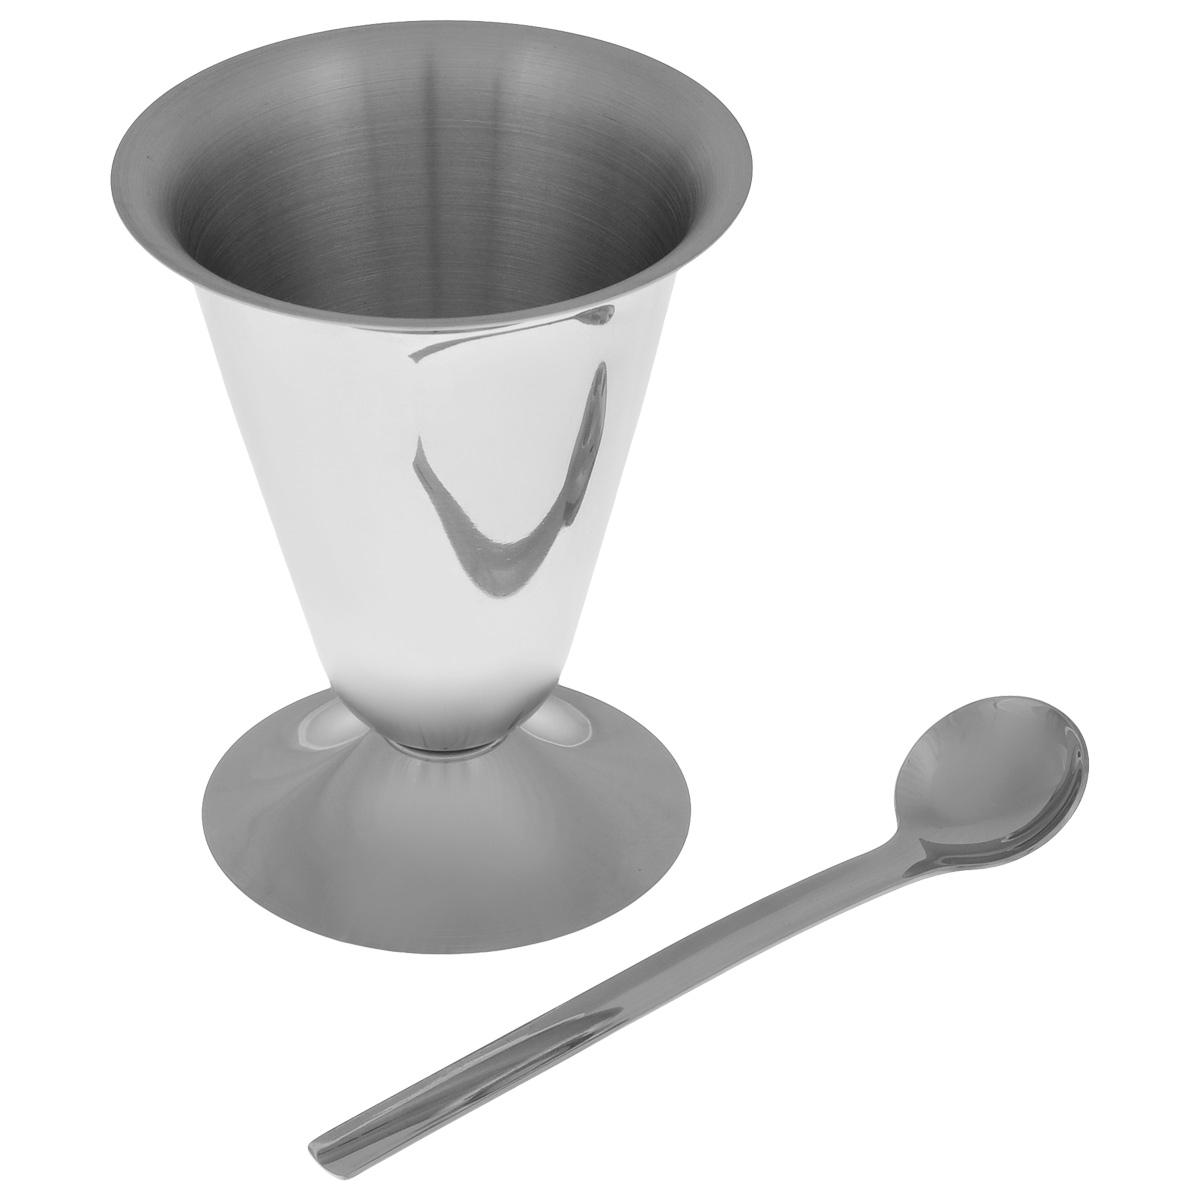 Креманка для мороженого Mayer & Boch, с ложкой, 250 мл2828Креманка для мороженого Mayer & Boch изготовлена из высококачественной нержавеющей стали 18/10. Внешние стенки имеют зеркальную полировку. Изделие прекрасно подходит для подачи мороженого и десертов. В комплекте предусмотрена ложечка. Диаметр креманки (по верхнему краю): 9,5 см. Высота креманки: 12 см. Длина ложечки: 14,8 см.